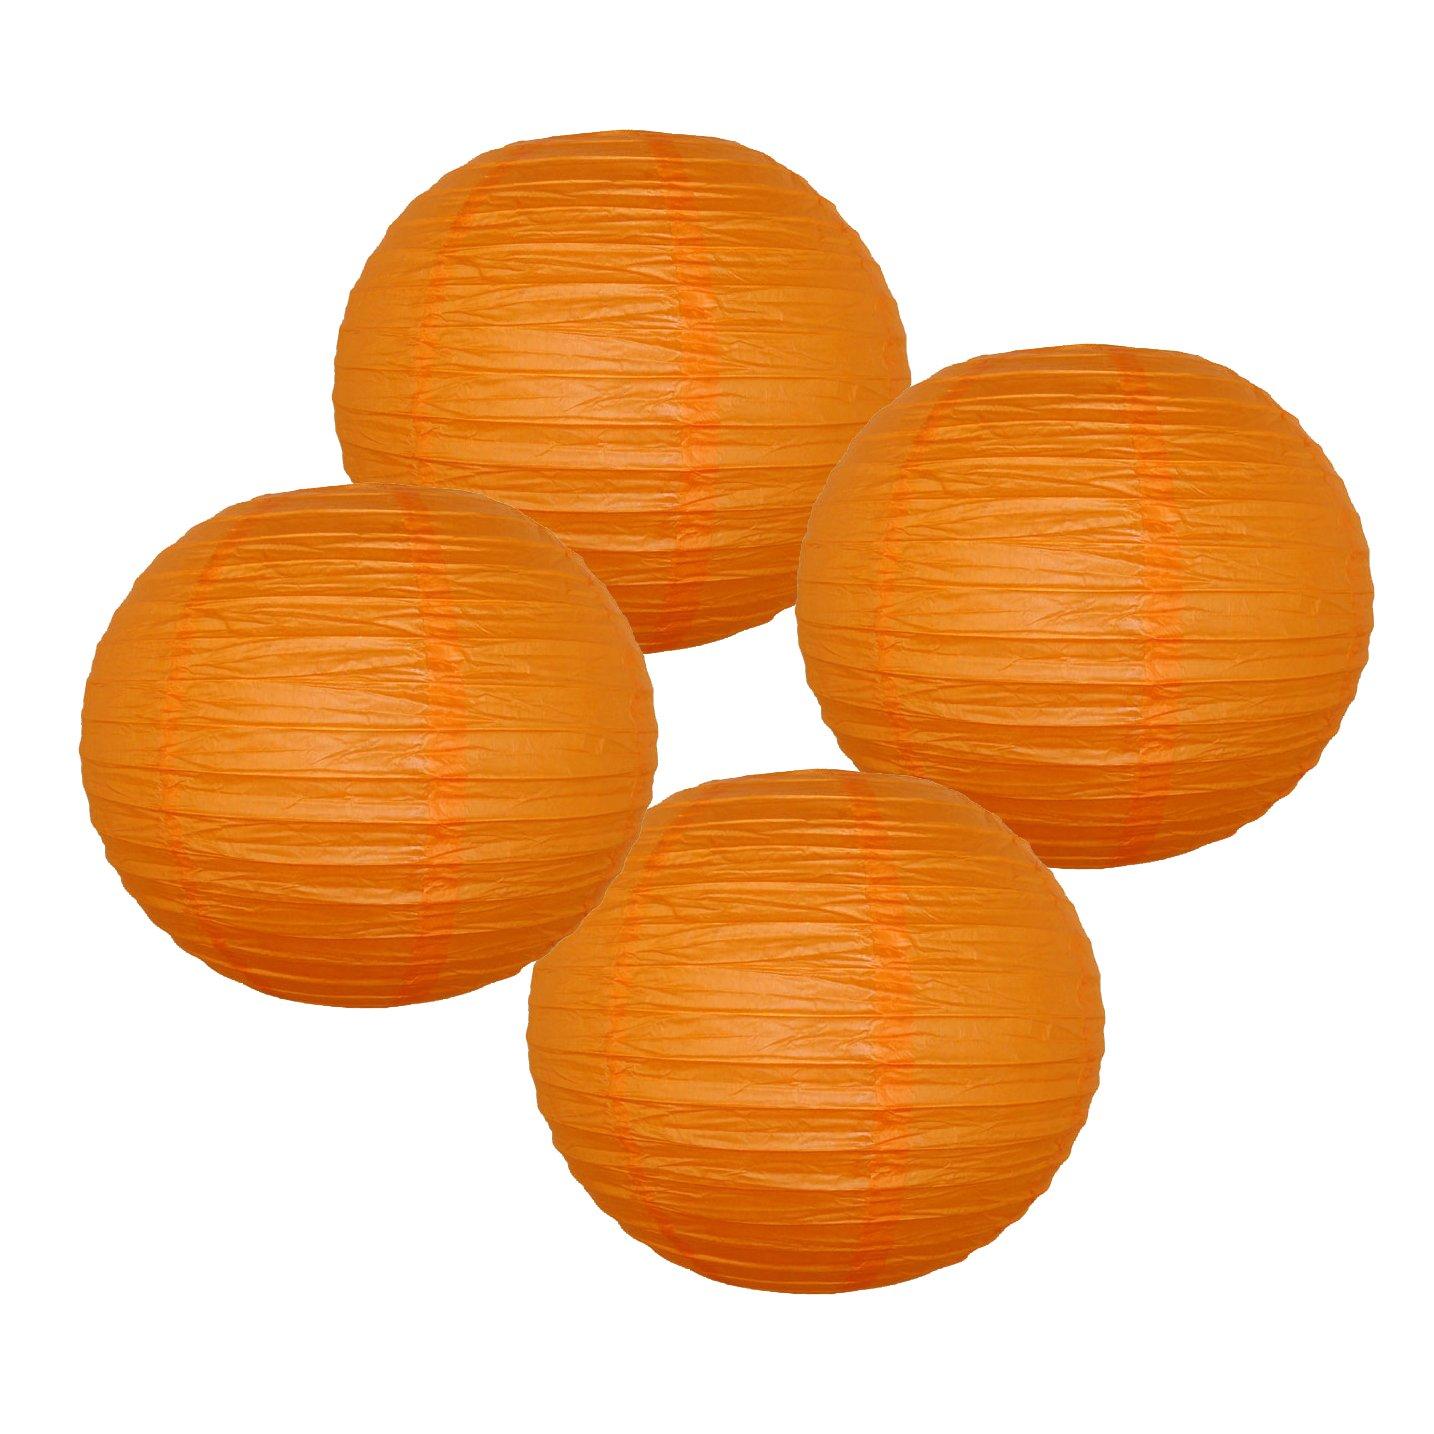 Just Artifacts 様々な紙製ランタン(色とサイズの異なる紙のランタン) 12inch AMZ-RPL4-120075 B01EGXJWNC 12inch|レッド オレンジ レッド オレンジ 12inch